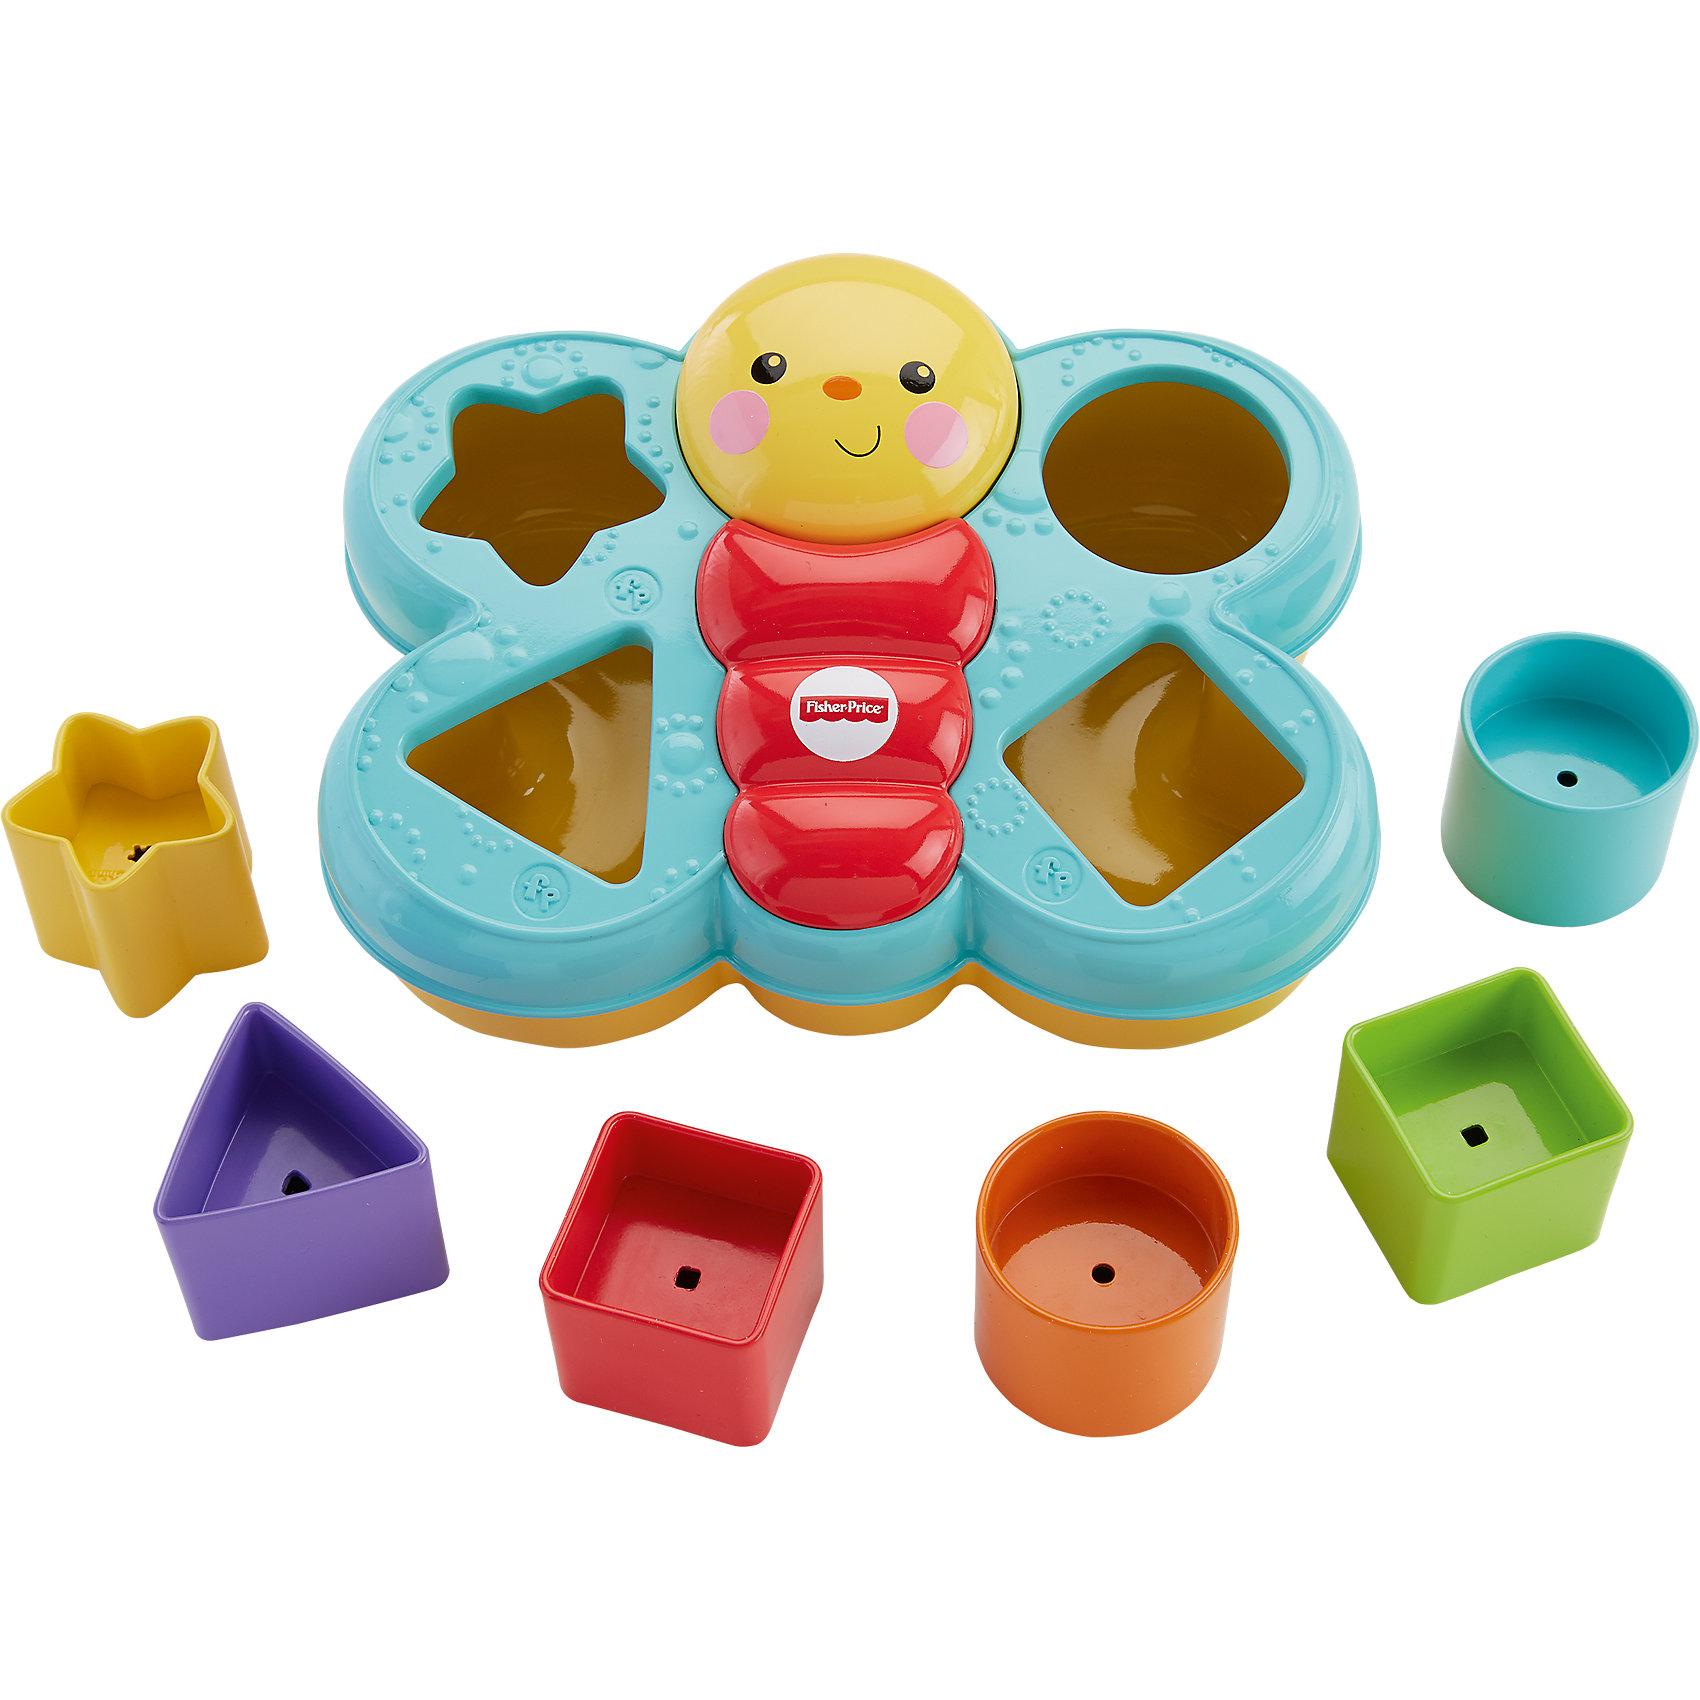 Сортер Бабочка, Fisher-PriceСортер Бабочка, Fisher-Price (Фишер-прайс)- красочная развивающая игрушка, которая обязательно привлечет внимание Вашего малыша. Сортер выполнен в виде яркой разноцветной бабочки с забавной улыбающейся мордочкой. В ее крылышках размещены выемки, по форме соответствующие разноцветным фигуркам, входящим в набор. Правильно разместив все фигурки по своим местам, малыш украсит крылышки бабочки. Игрушка развивает логическое мышление, зрительное восприятие, двигательную координацию и мелкую моторику.<br><br>Дополнительная информация:<br><br>- В комплекте: сортер Бабочка, 6 фигур разной формы.<br>- Материал: пластик.<br>- Размер упаковки: 17 x 21 x 10,3 см.<br>- Вес: 0,334 кг.<br><br>Сортер Бабочка, Fisher-Price (Фишер Прайс) можно купить в нашем интернет-магазине.<br><br>Ширина мм: 207<br>Глубина мм: 165<br>Высота мм: 104<br>Вес г: 321<br>Возраст от месяцев: 6<br>Возраст до месяцев: 18<br>Пол: Унисекс<br>Возраст: Детский<br>SKU: 3863147